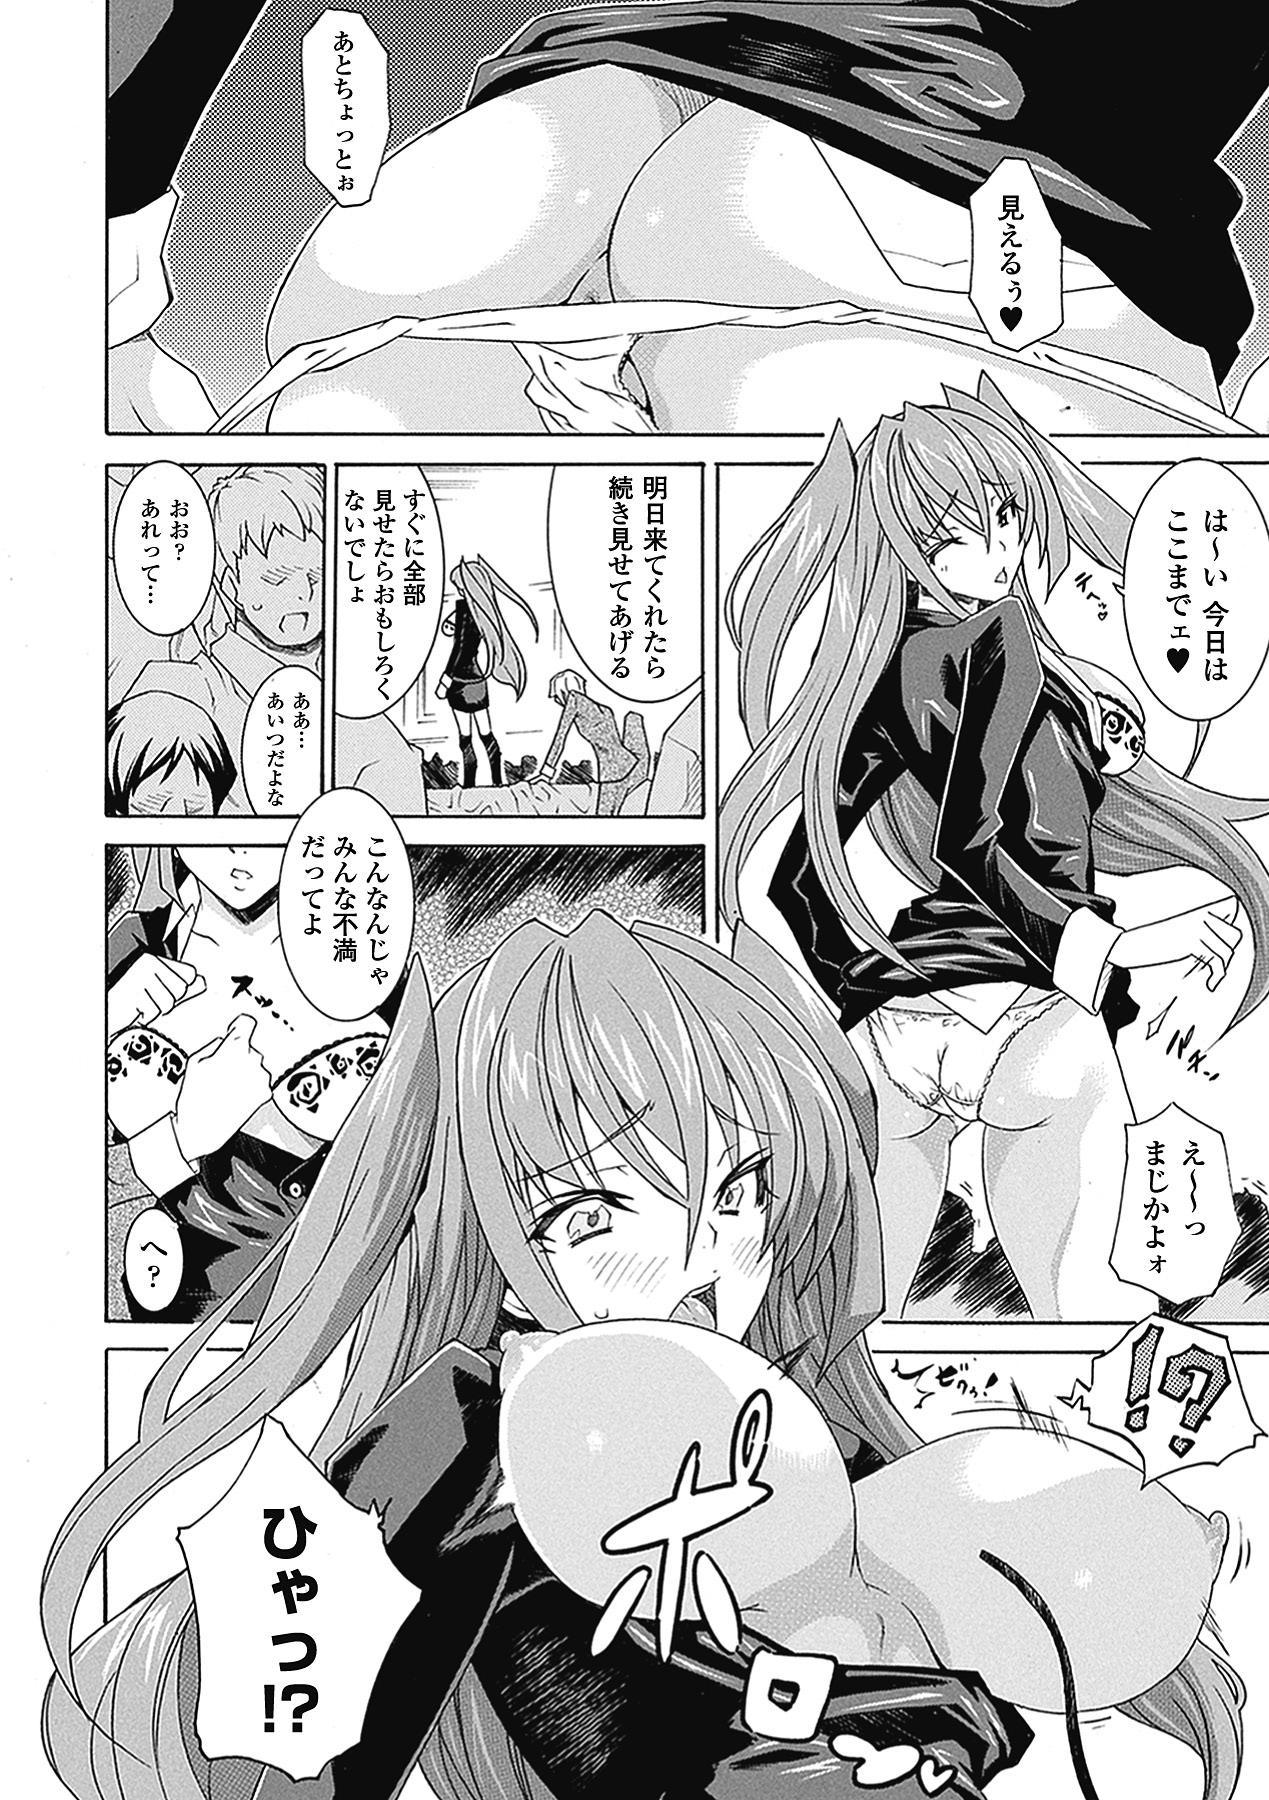 Seiin Shoujo 31